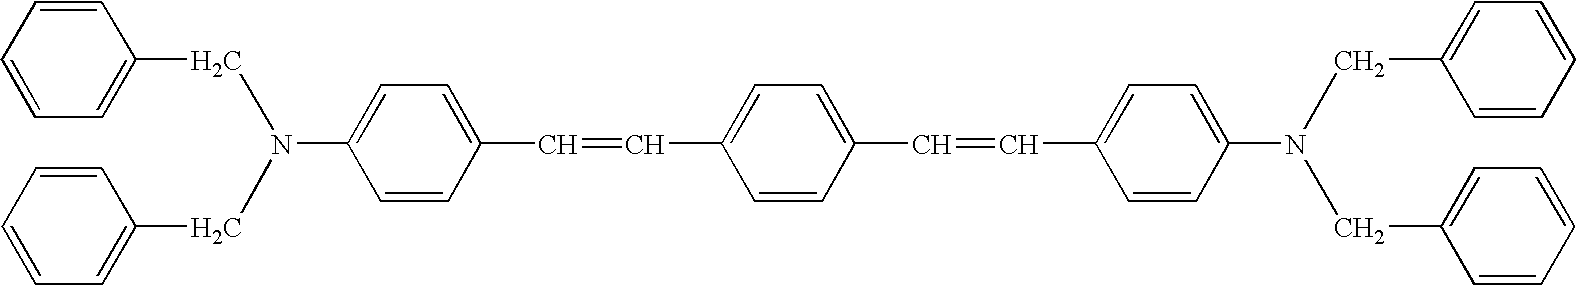 Figure US07381511-20080603-C00017